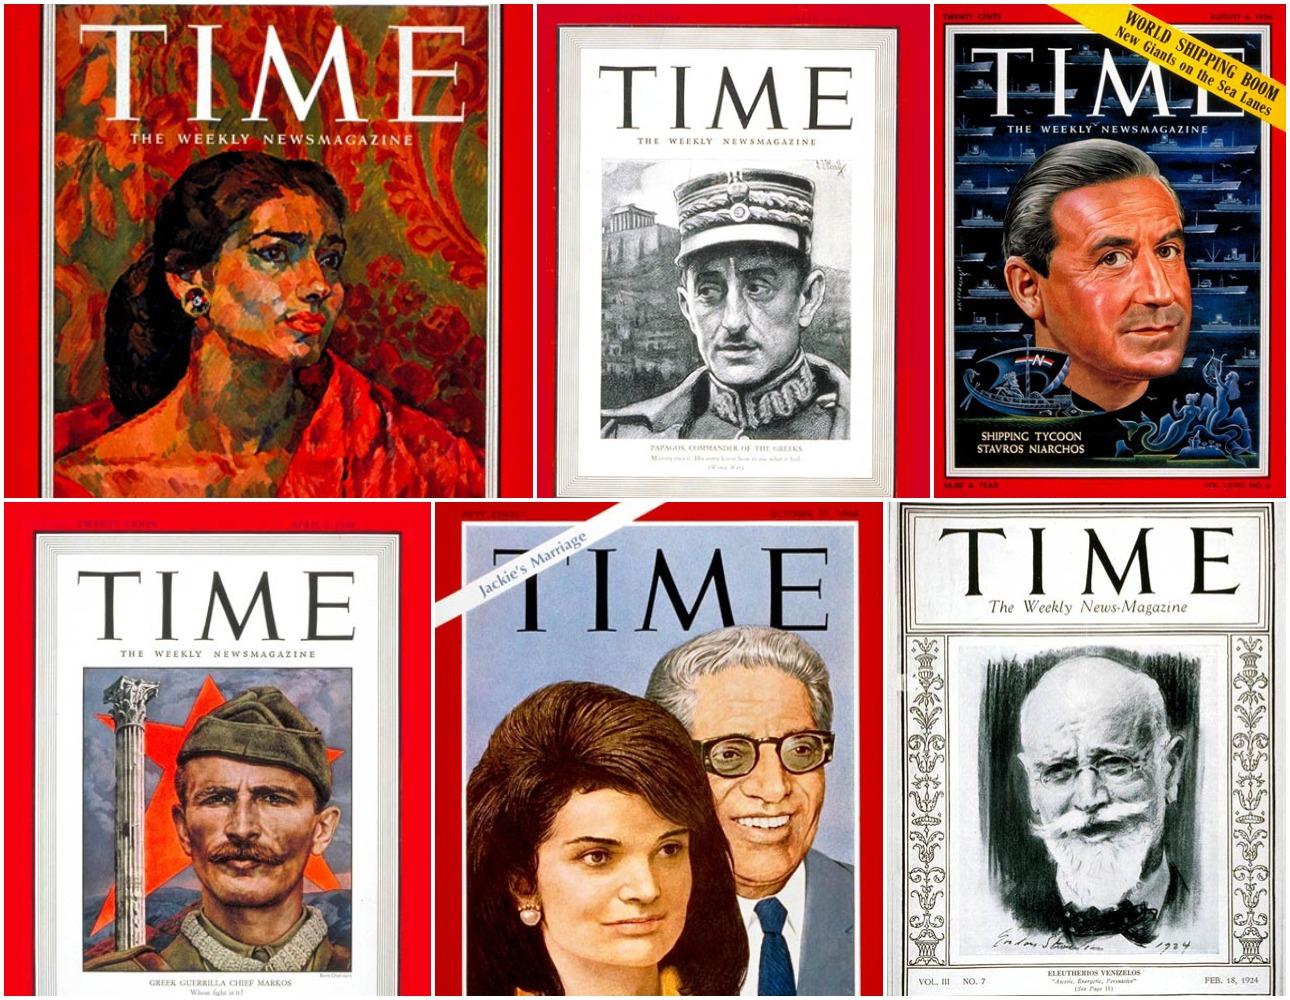 Εξι «ελληνικά» εξώφυλλα του Time (από αριστερά): Η Μαρία Κάλλας στις 29 Οκτωβρίου του 1956, ο στρατάρχης Αλέξανδρος Παπάγος στις 16 Δεκεμβρίου 1940 -στην κορύφωση του αλβανικού έπους-, ο Σταύρος Νιάρχος στις 6 Αυγ. 1956 -την έκρηξη της παγκόσμιας ναυτιλίας-, ο Ελευθέριος Βενιζέλος τον Φεβρουάριο 1924, ο γάμος του Αριστοτέλη Ωνάση με την Τζάκι τον Οκτώβριο του 1968 και ο Μάρκος Βαφειάδης, ως αρχηγός των «αντιπάλων» στον Εμφύλιο  στο τεύχος της 5ης Απρ. 1948